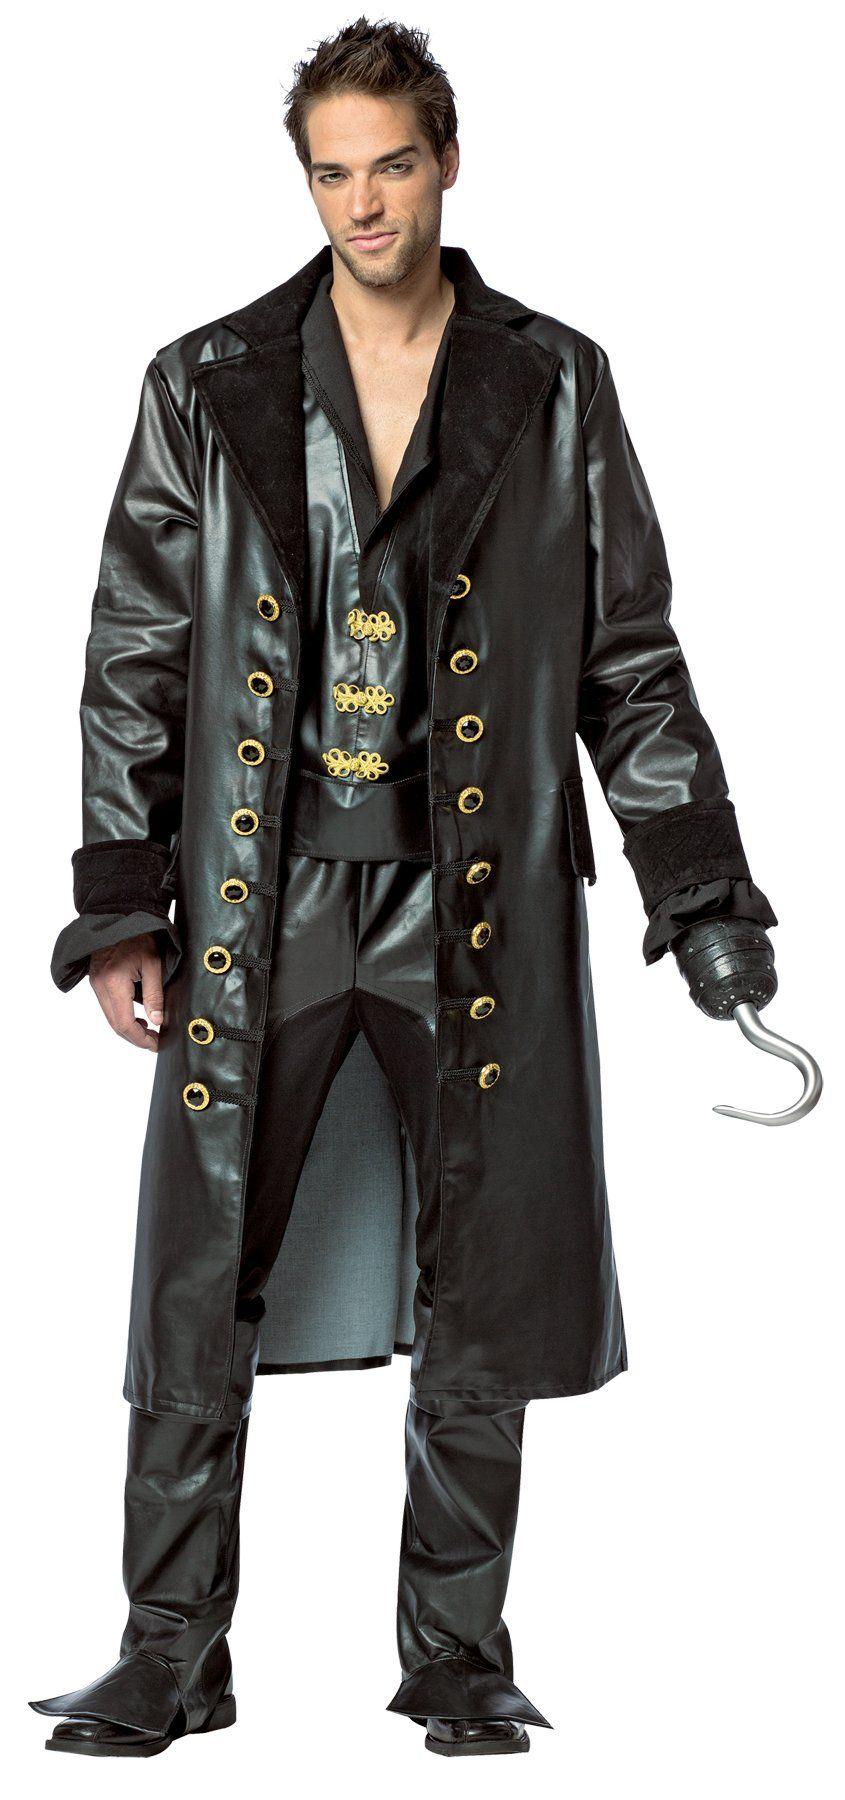 OnceUponATime Hook Adult Costume Medium Black faux